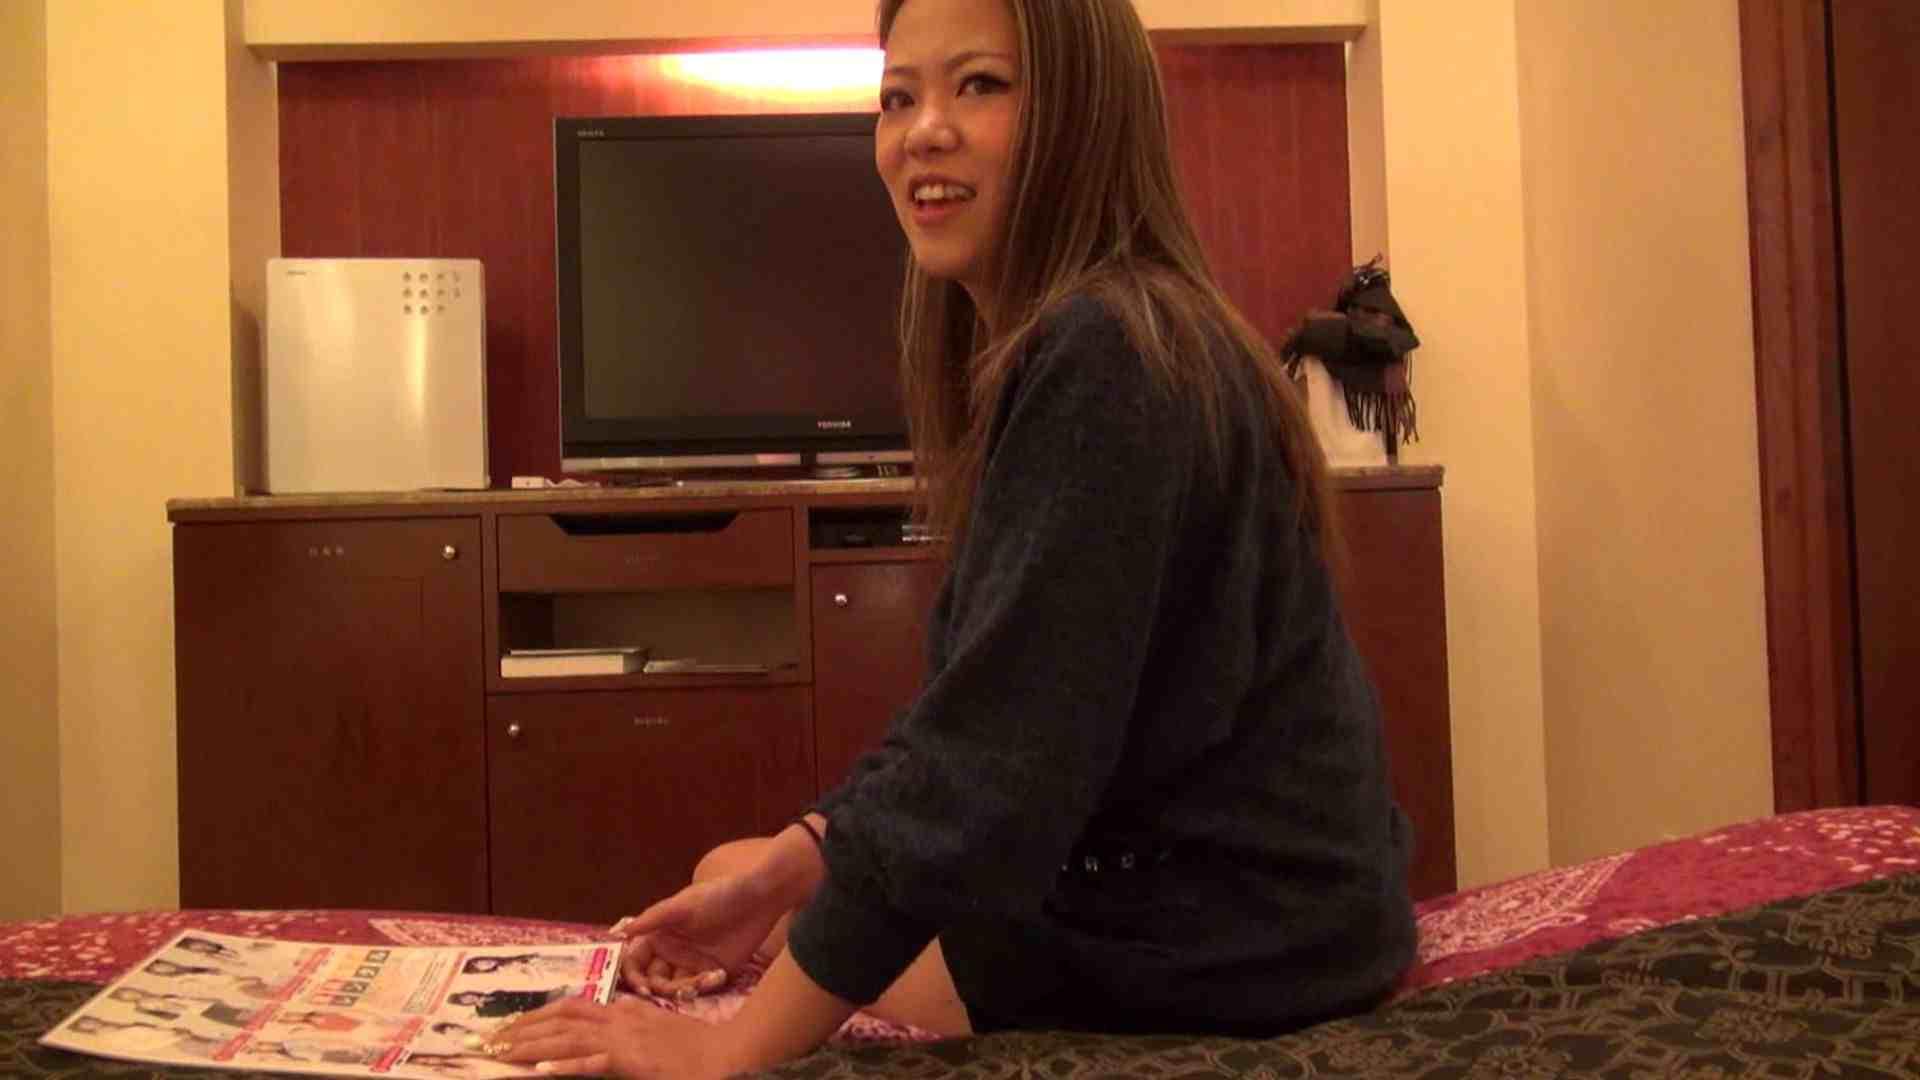 S級厳選美女ビッチガールVol.52 前編 OLセックス 隠し撮りセックス画像 97画像 38